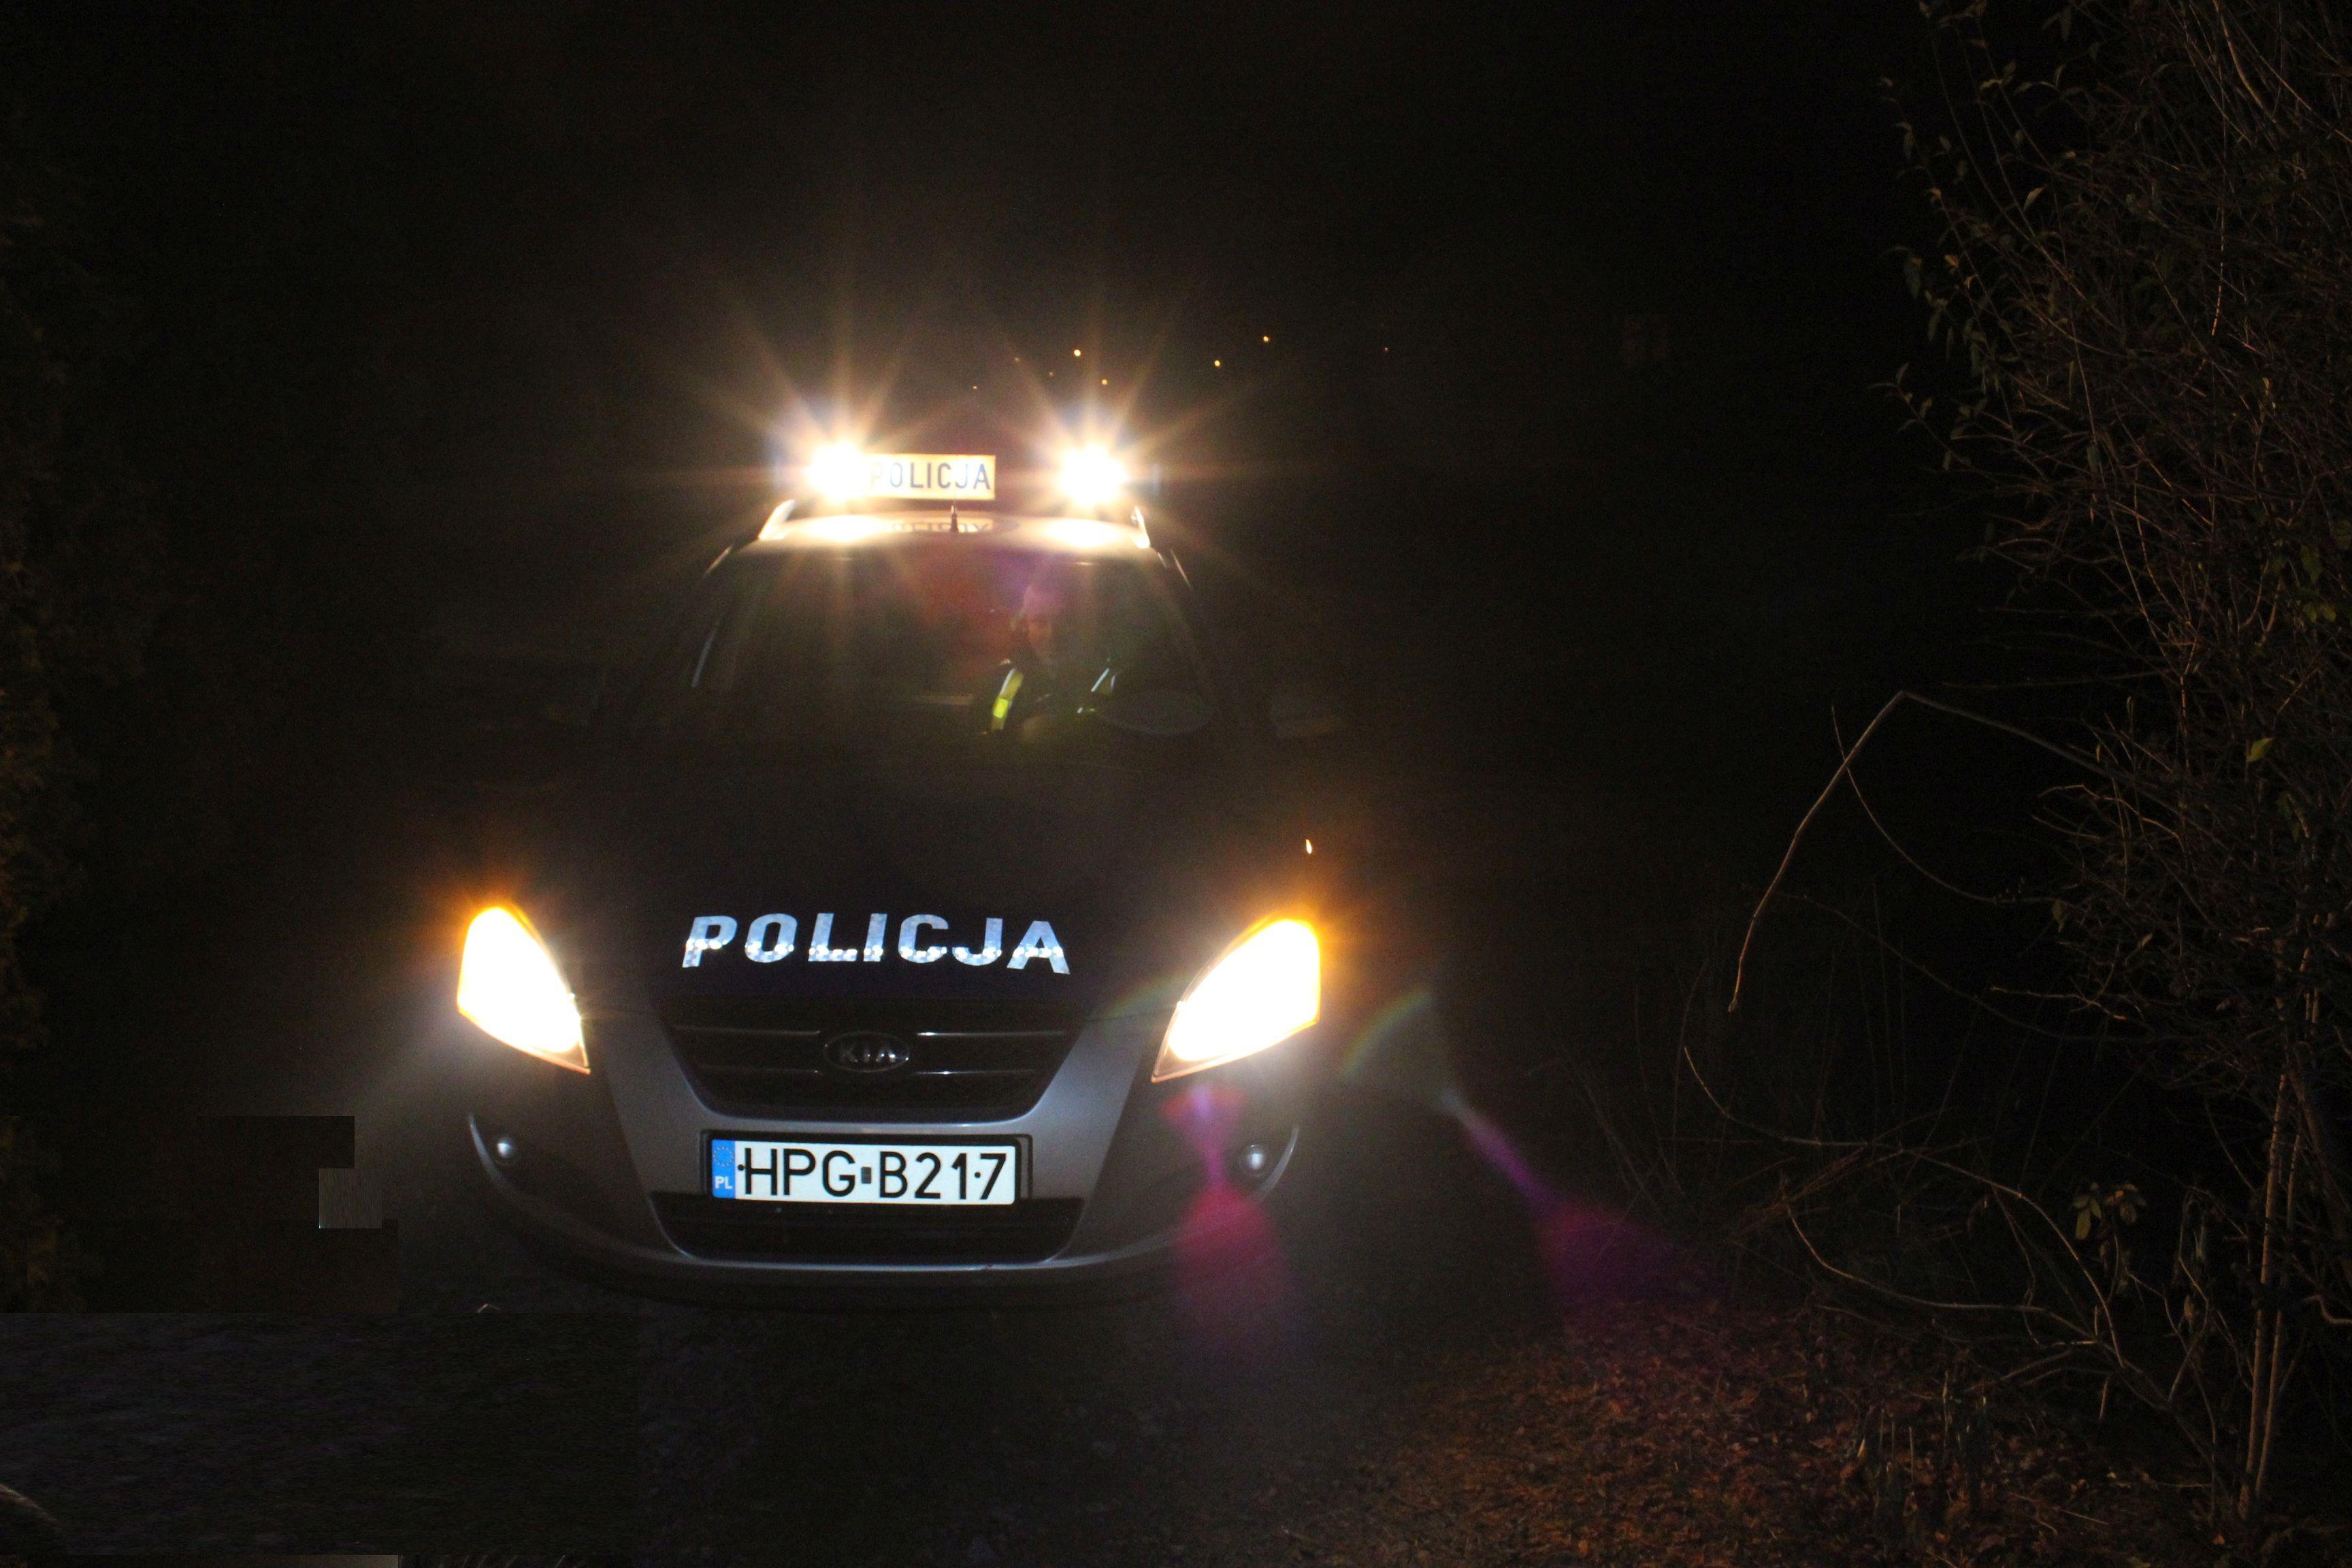 Policjanci odnaleźli desperatkę i skutecznie udzielili jej pomocy, gdy dostała ataku epilepsji